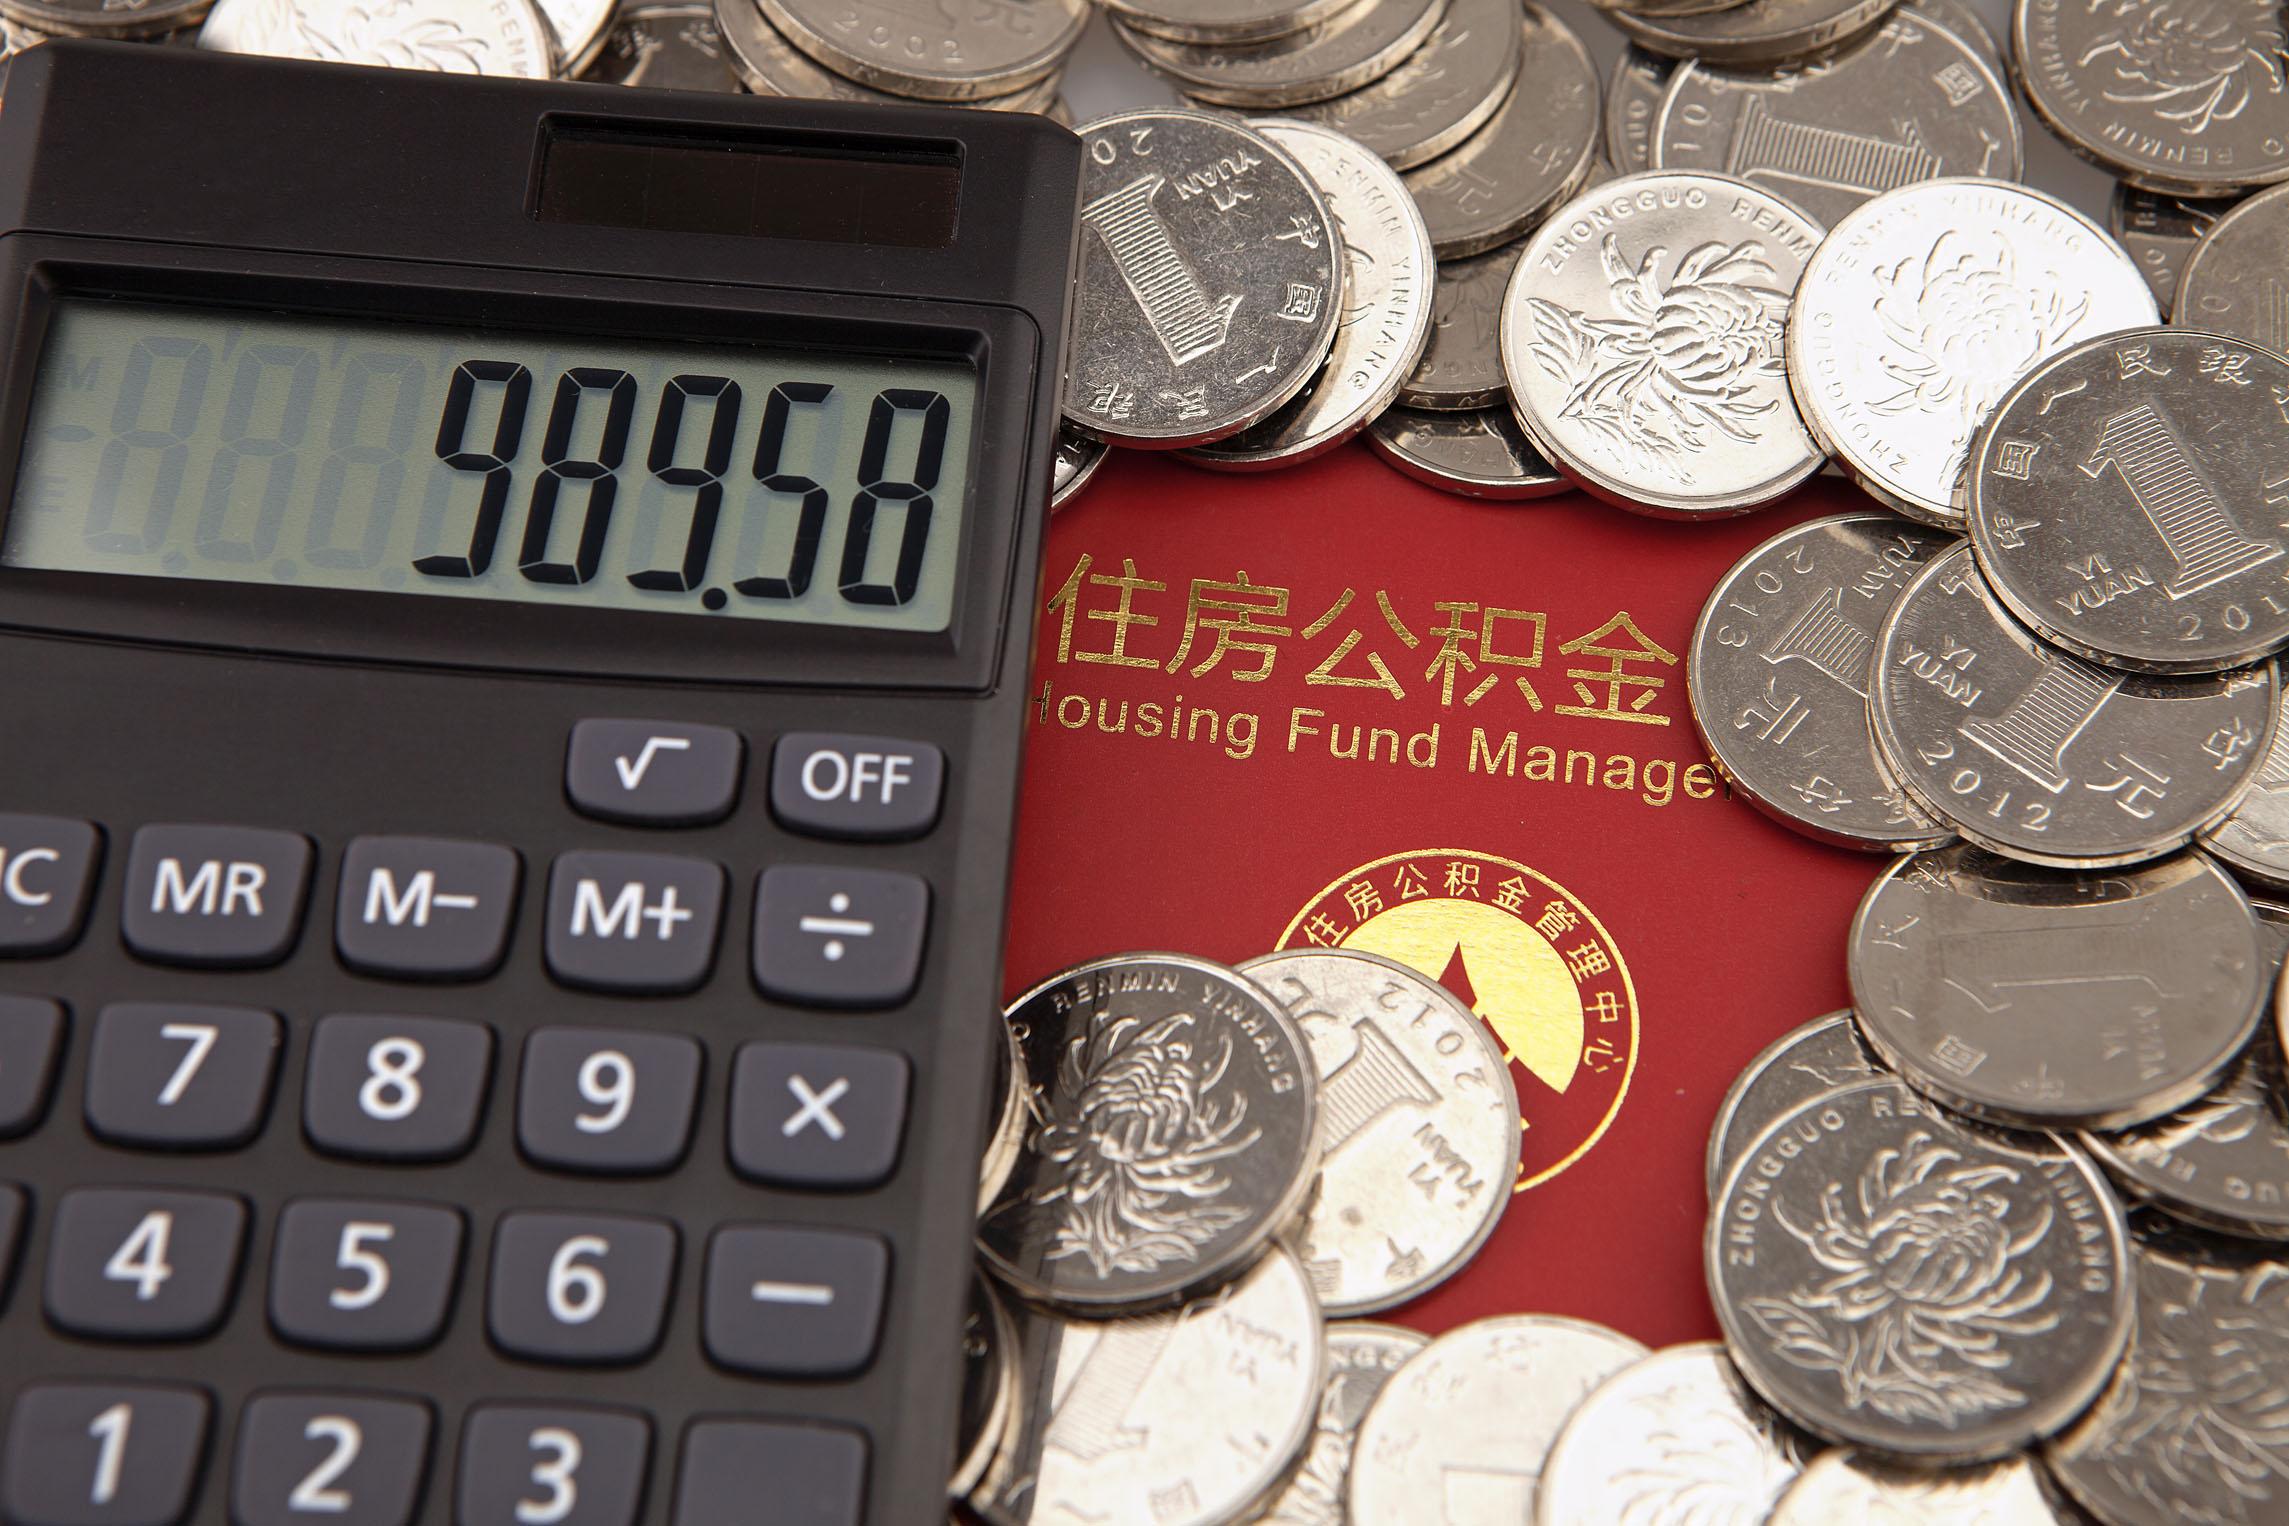 公积金贷款等额本息提前还款划算吗?计算公式是什么